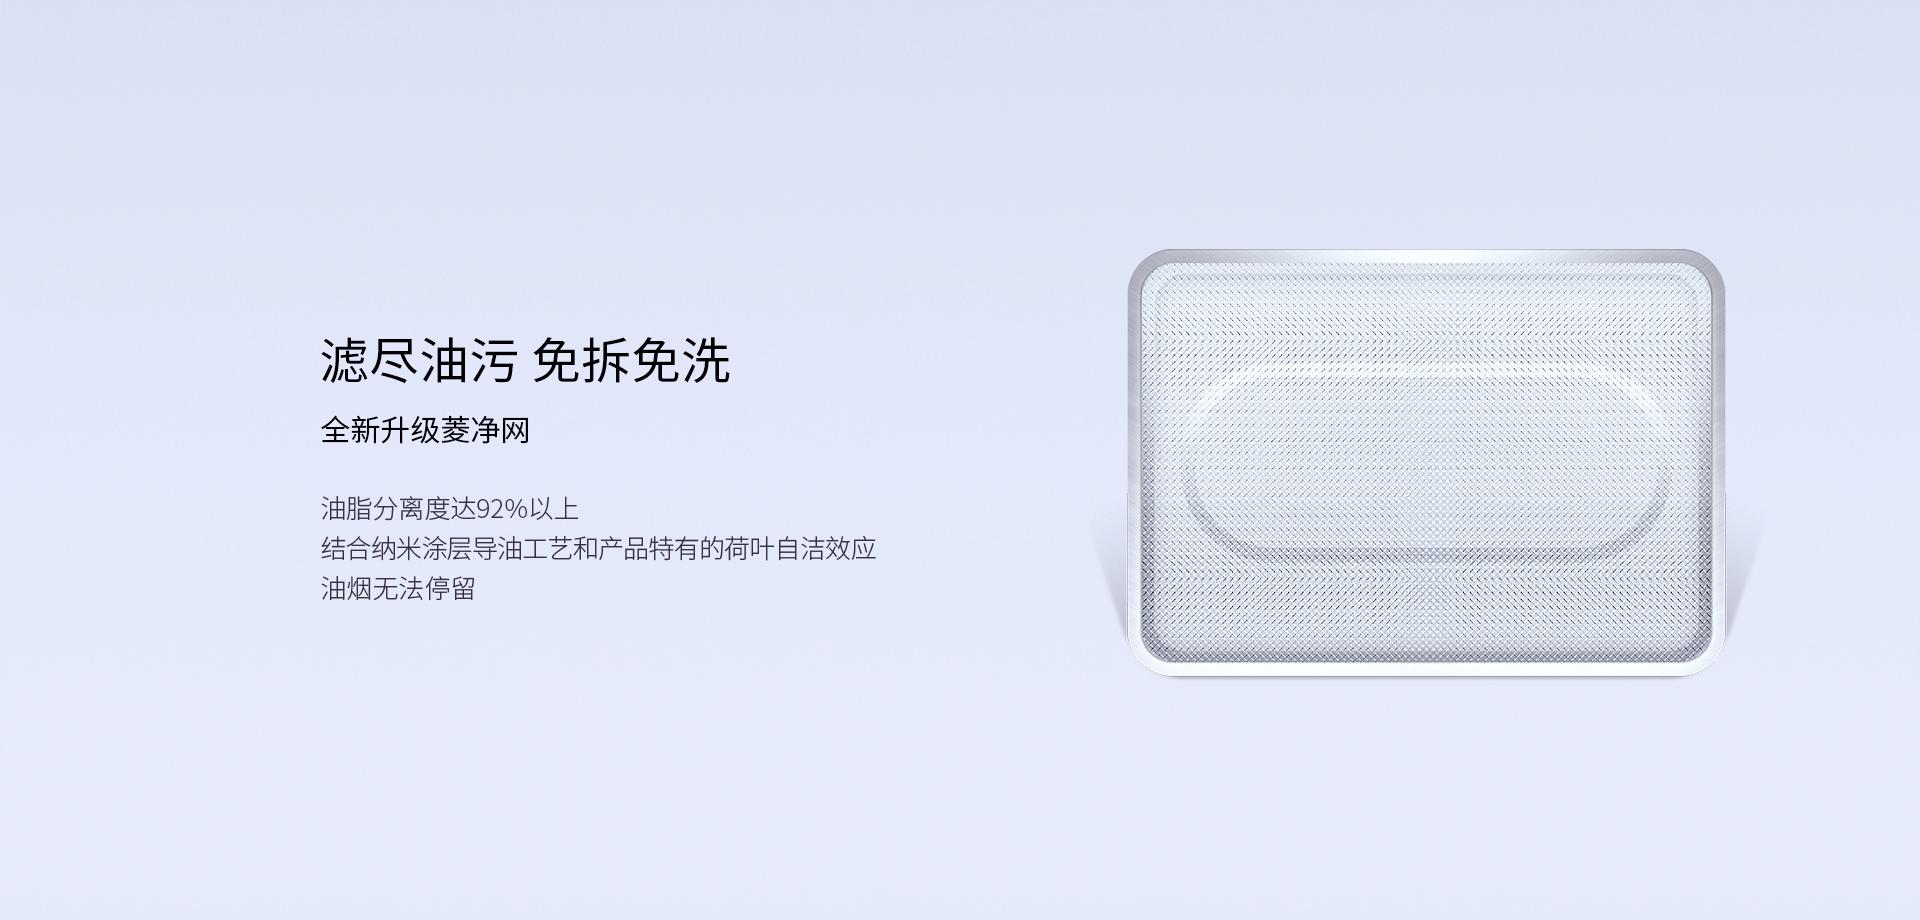 5702S优化-PC_05.jpg